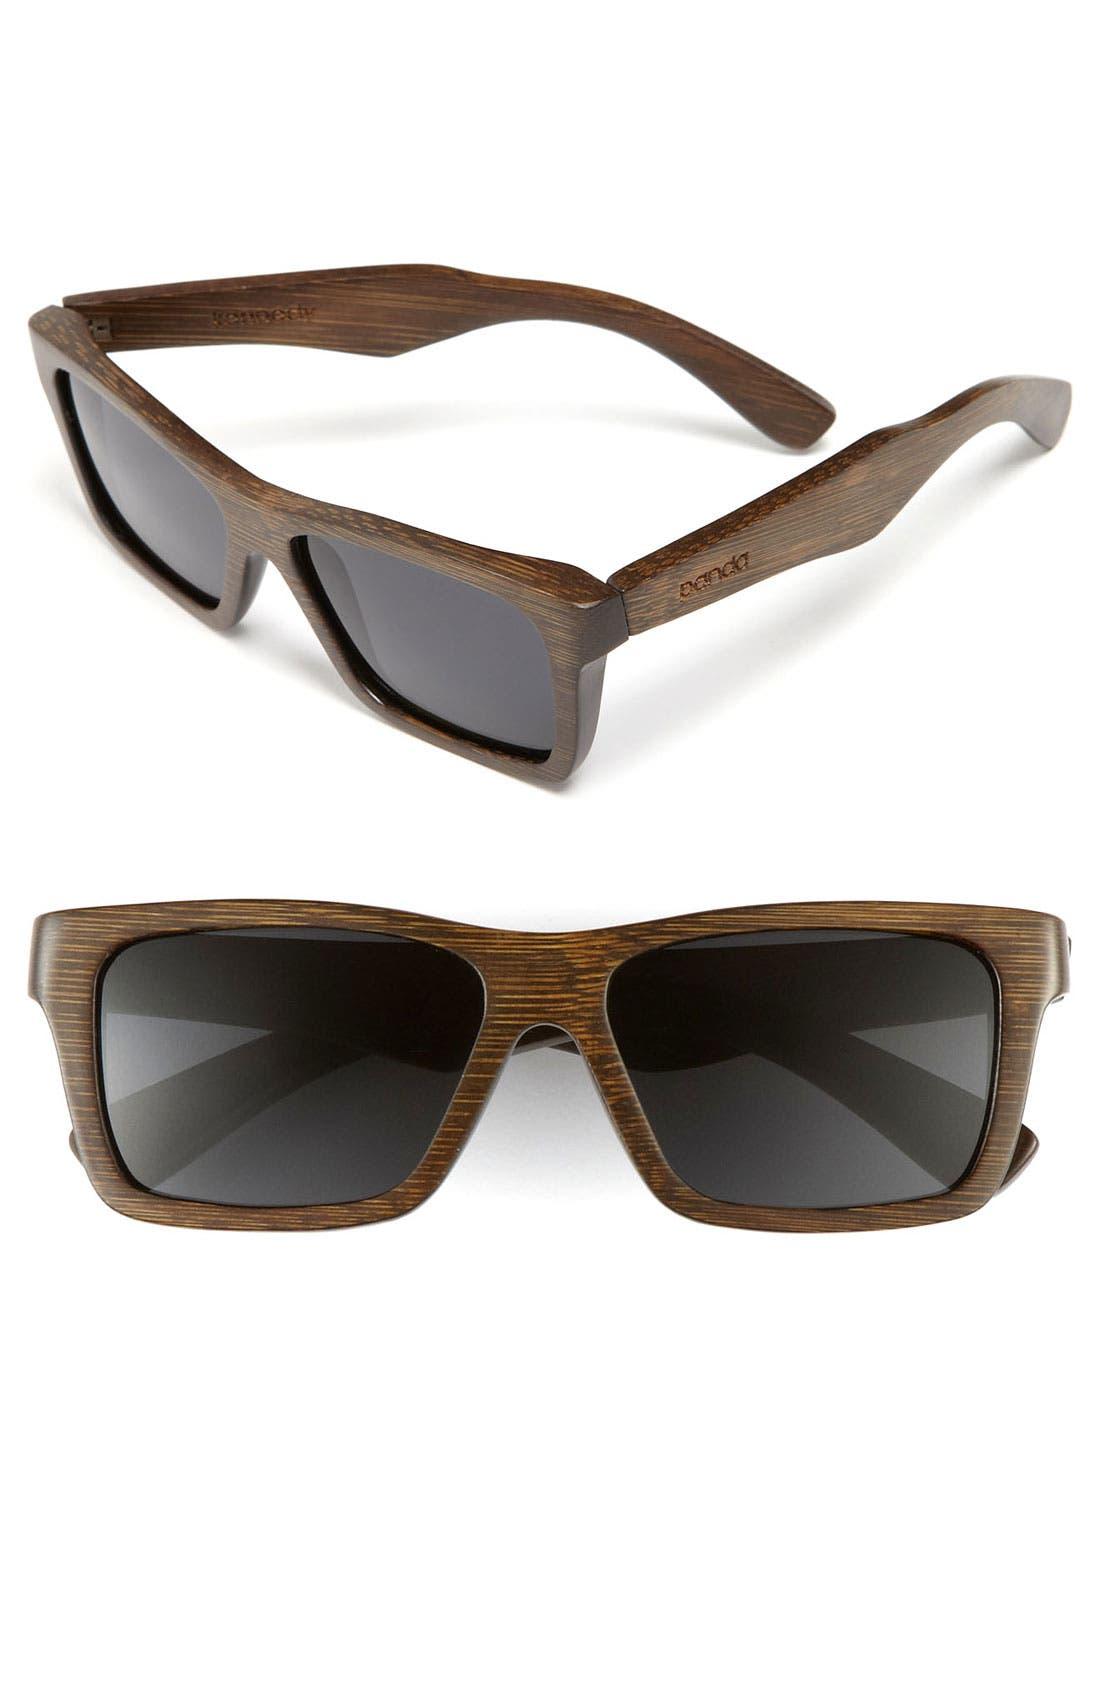 Main Image - Panda™ 'Kennedy' Sunglasses